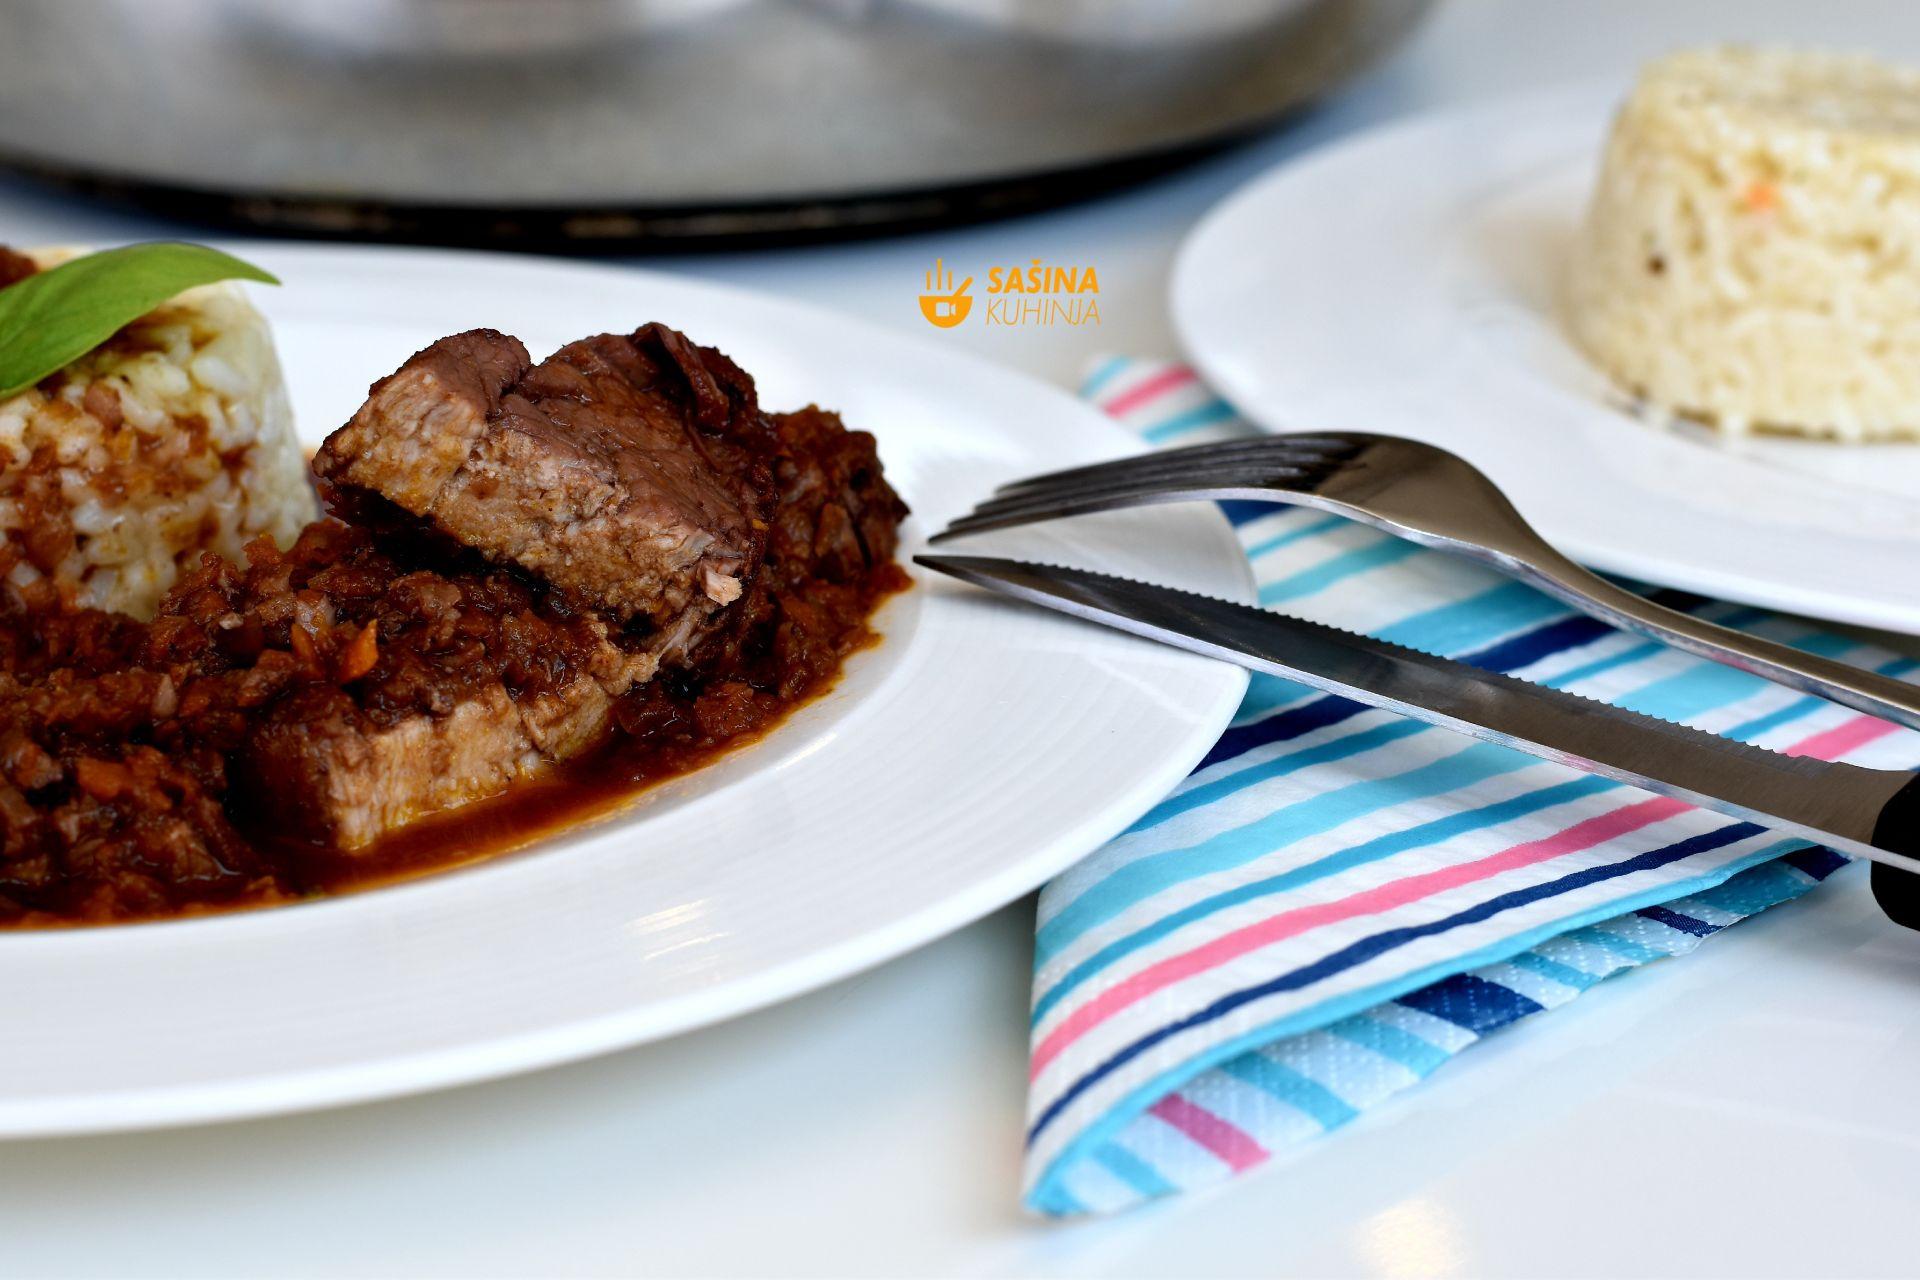 Lungić ili file svinjetine u saftu savršenog okusa recept